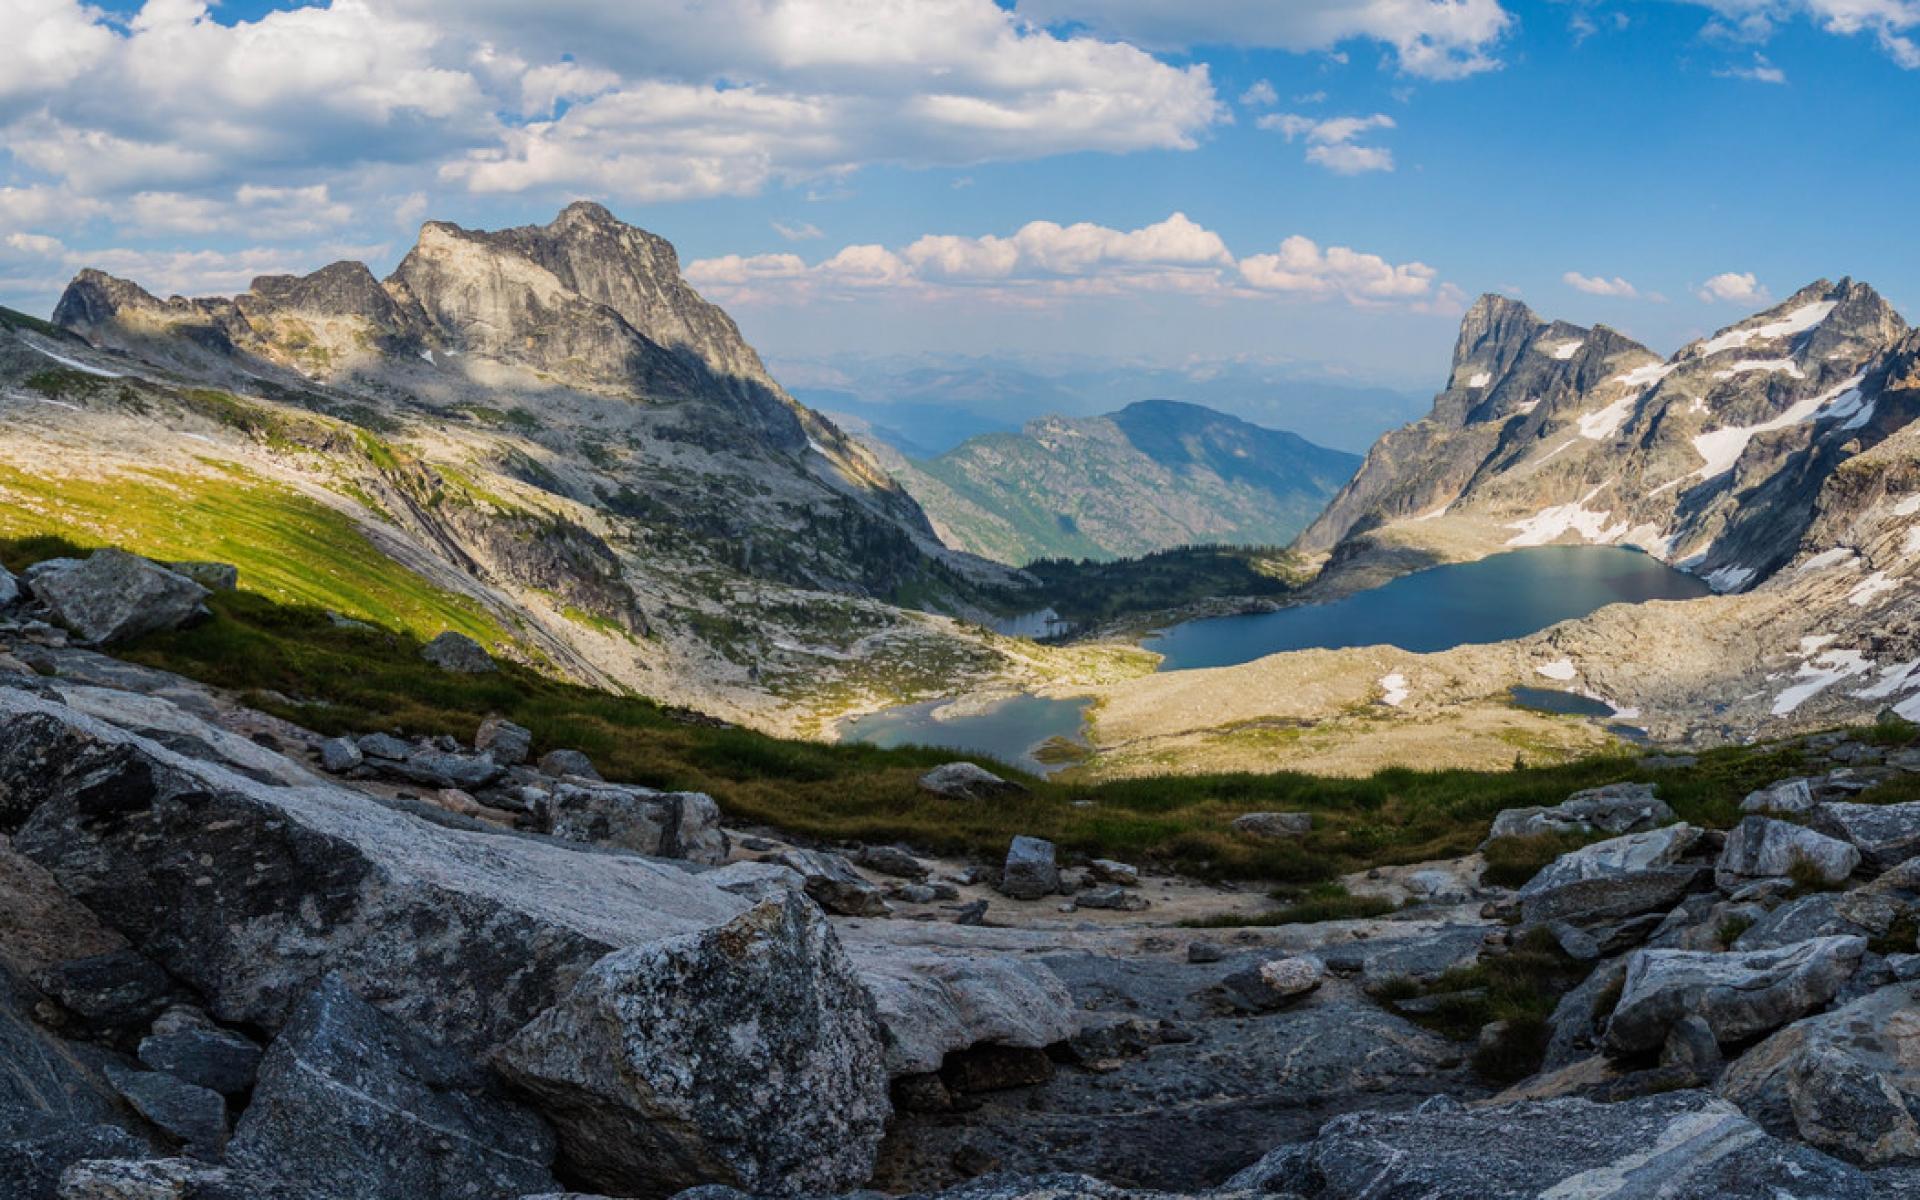 Panorámica de Montañas y lagos - 1920x1200